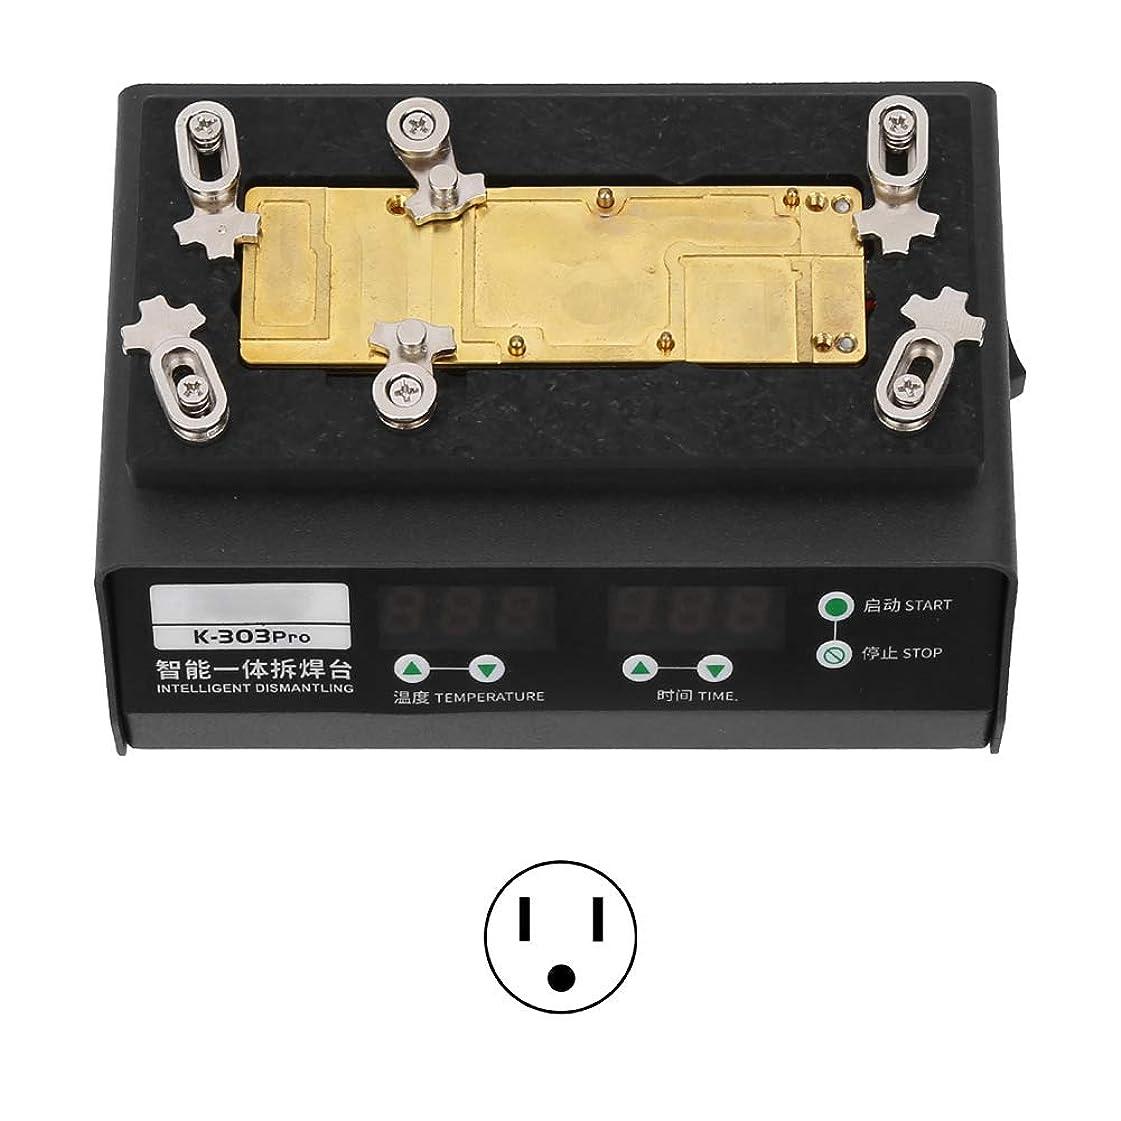 廃棄ウェイターネックレットはんだ除去ステーション、AC 110?240V K-303pro電話マザーボード修理ツール用スマートはんだ除去ステーションキットはんだステーション(US Plug)